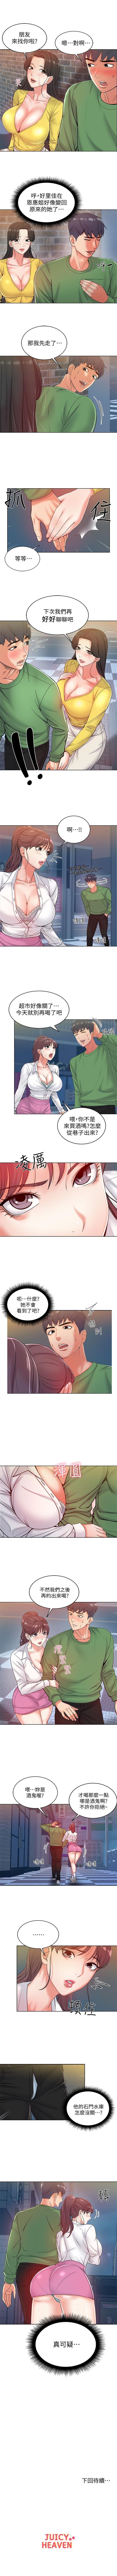 超市的漂亮姐姐 1-27 官方中文(連載中) 27